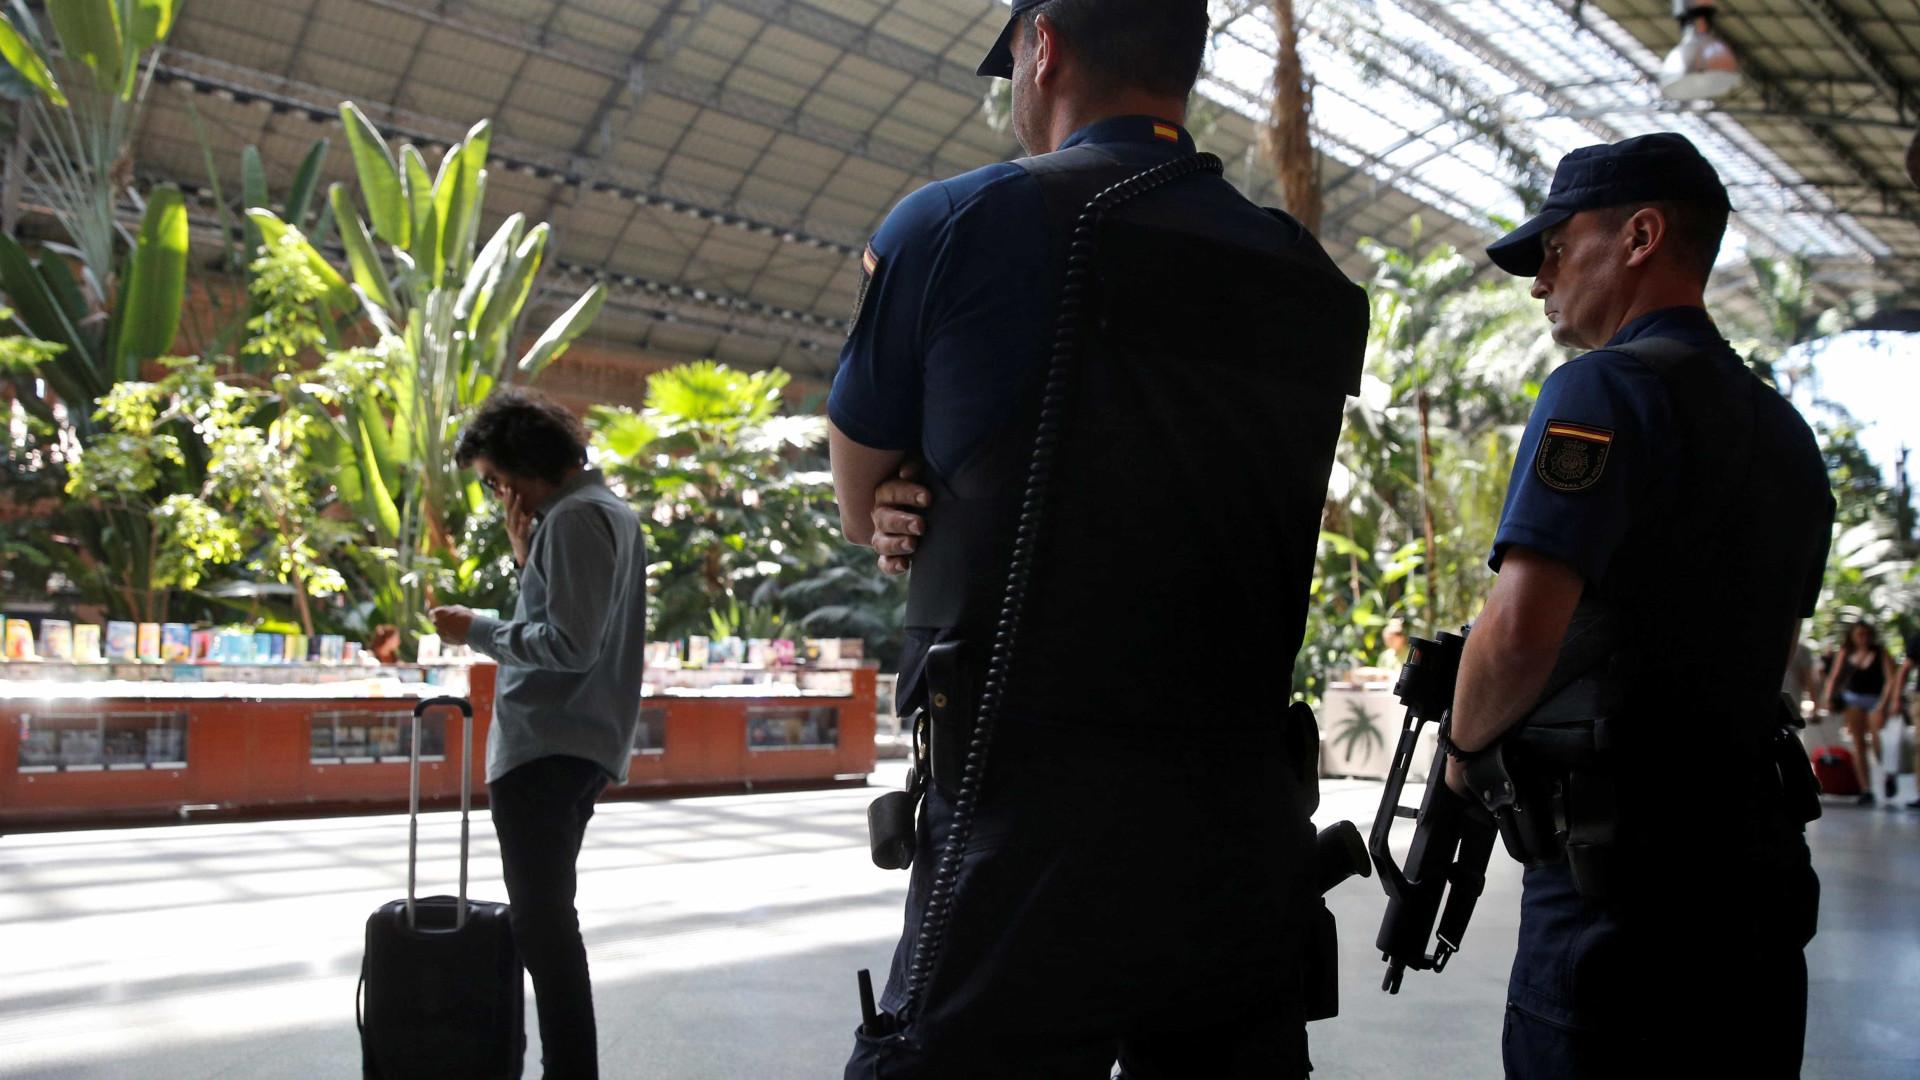 Polícia espanhola detém suspeito de propaganda e recrutamento para ISIS